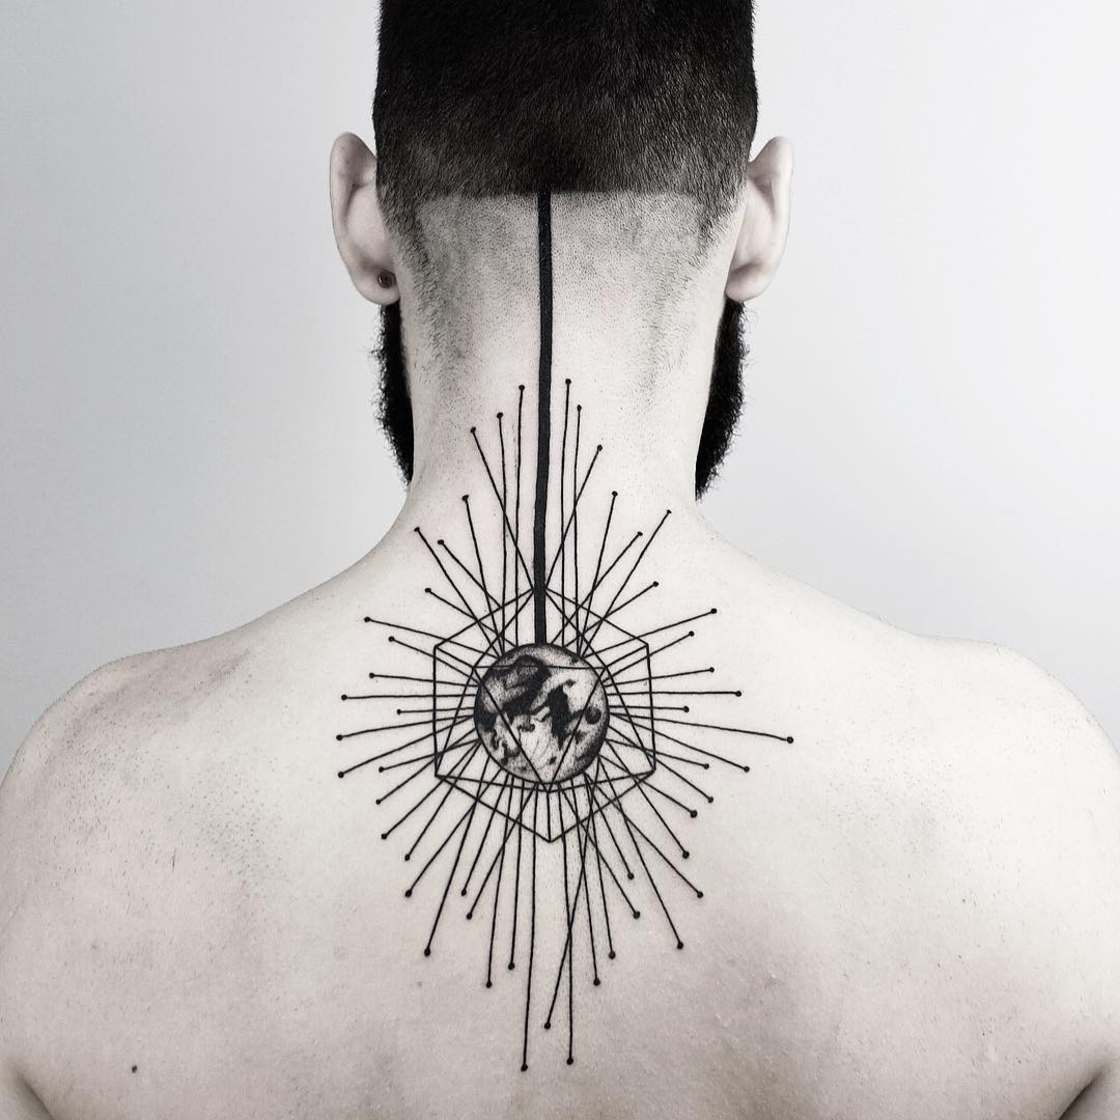 les tatouages g om triques de malvina maria wisniewska tatoo tatouage tatouage g om trique. Black Bedroom Furniture Sets. Home Design Ideas